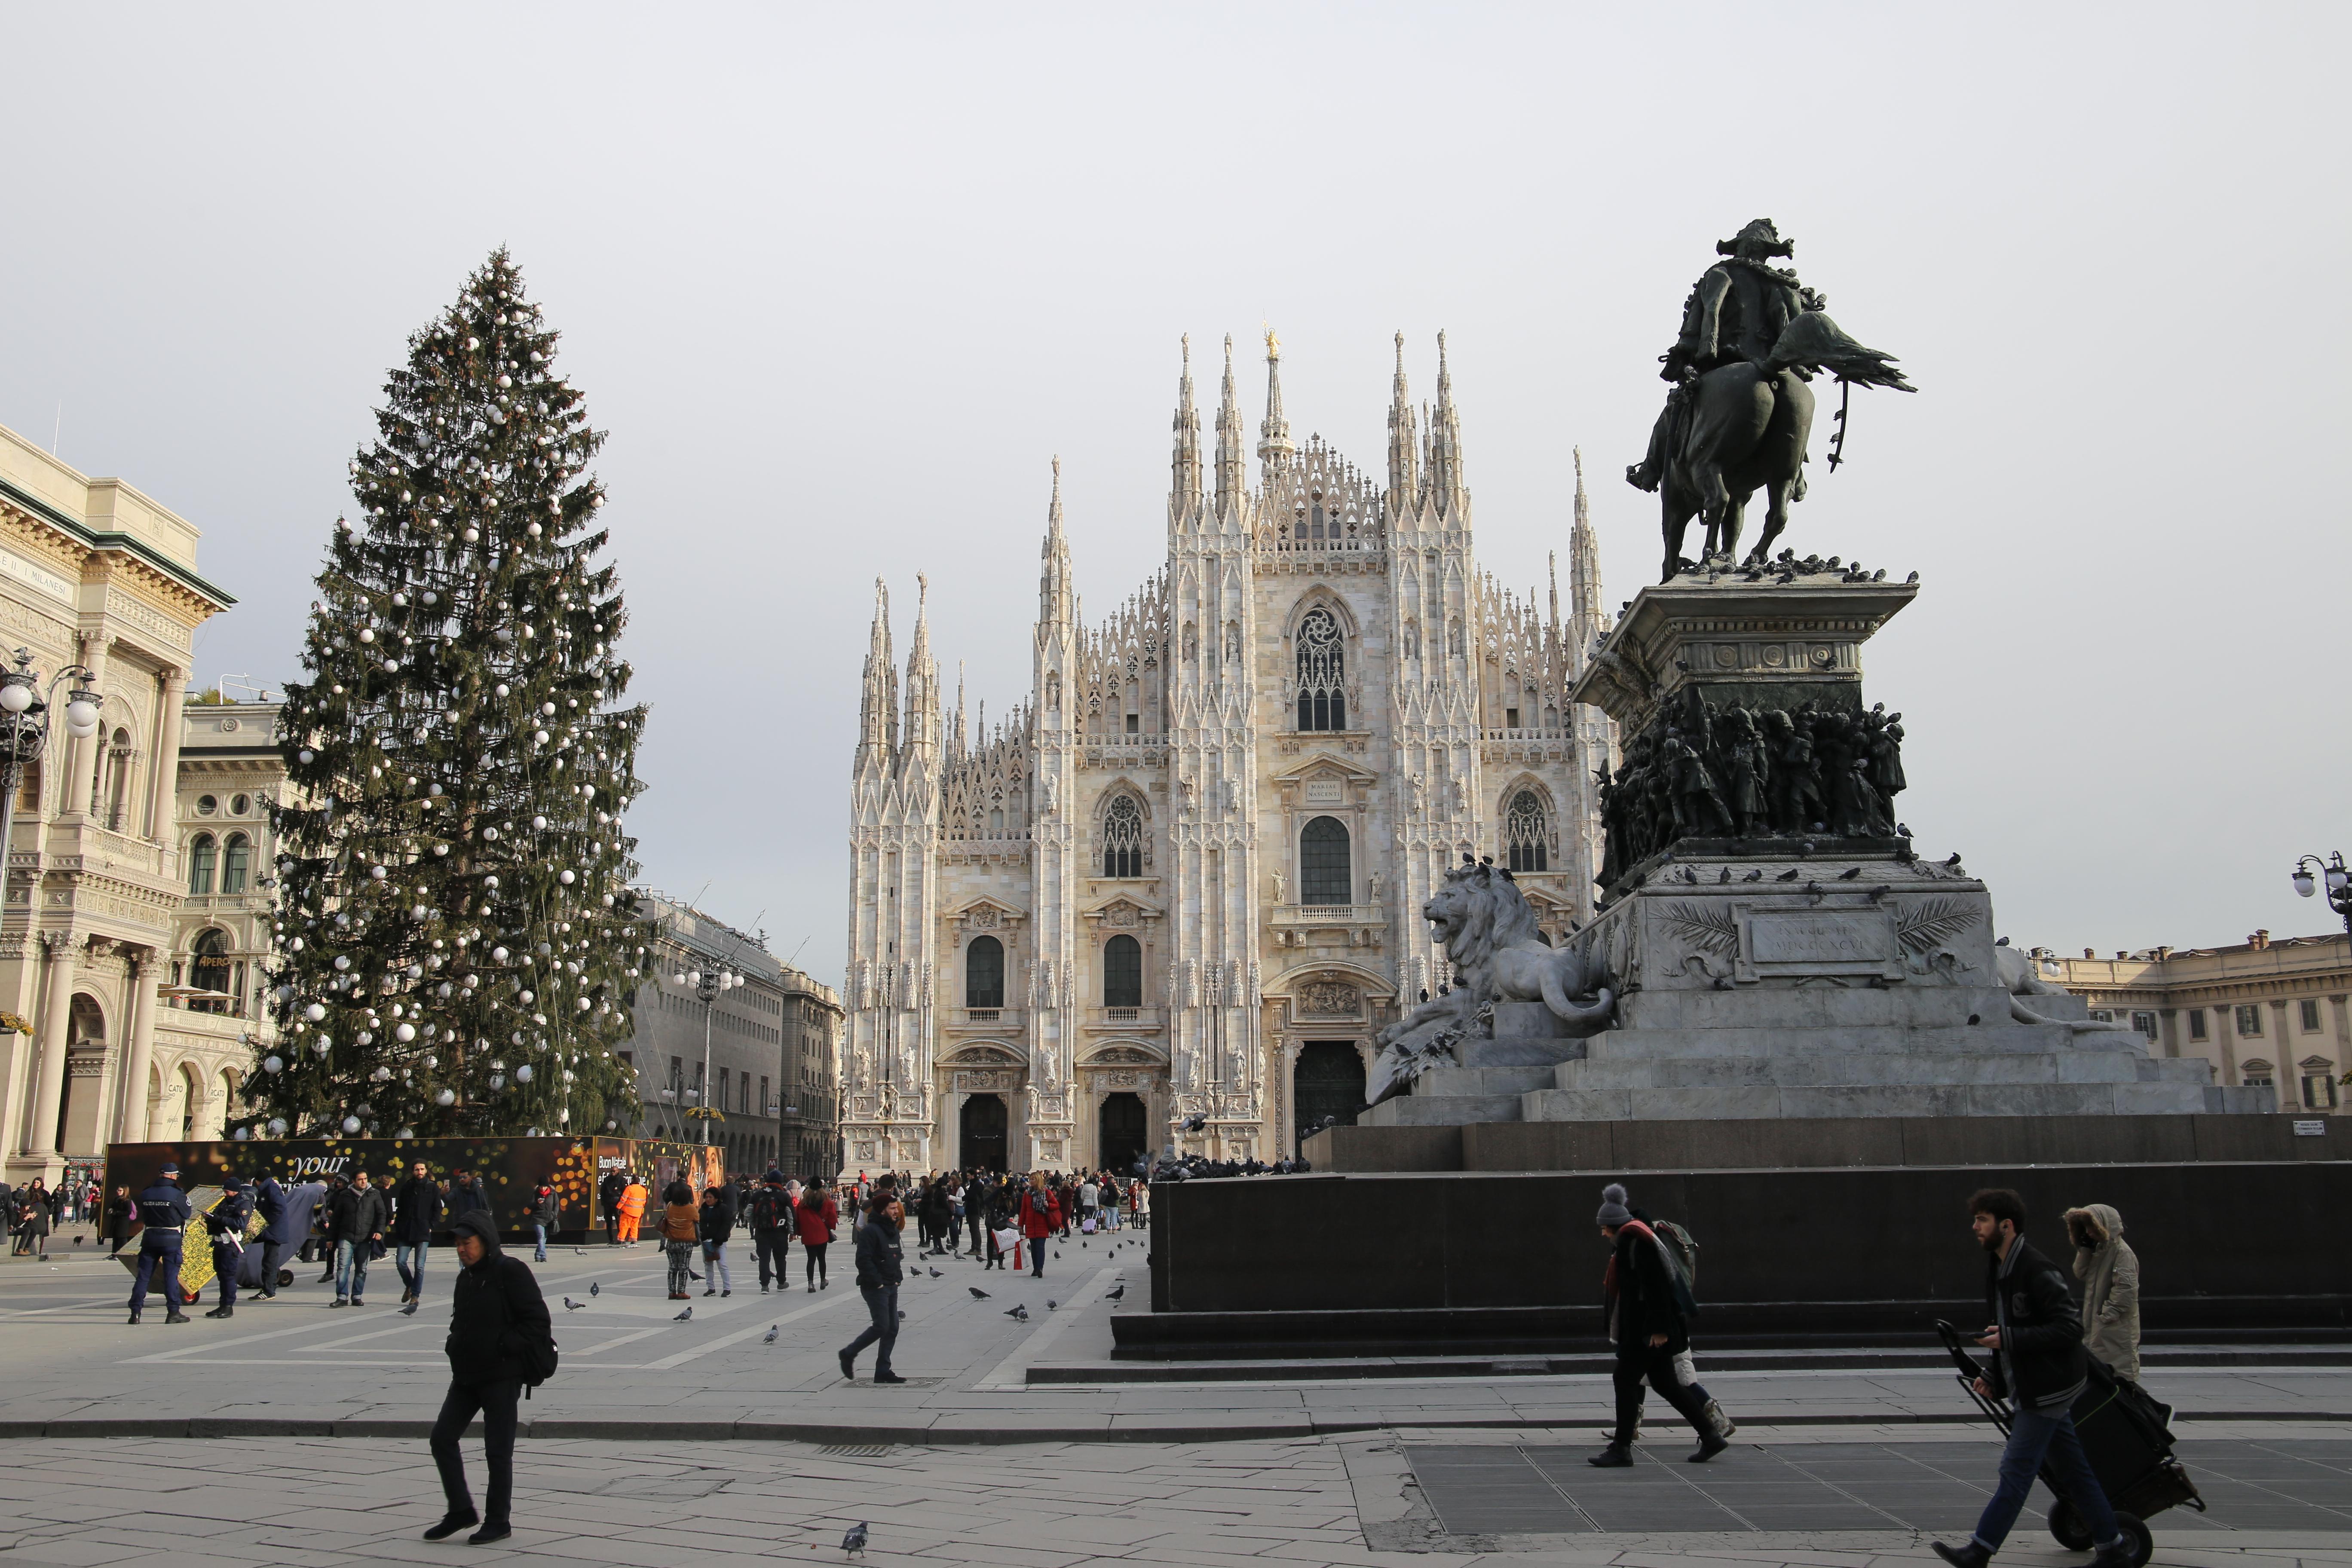 Domplatz_Mailand_Piazza_Duomo_Milano_Weihnachten_WEihnachtsbaum_Mailänder_Dom